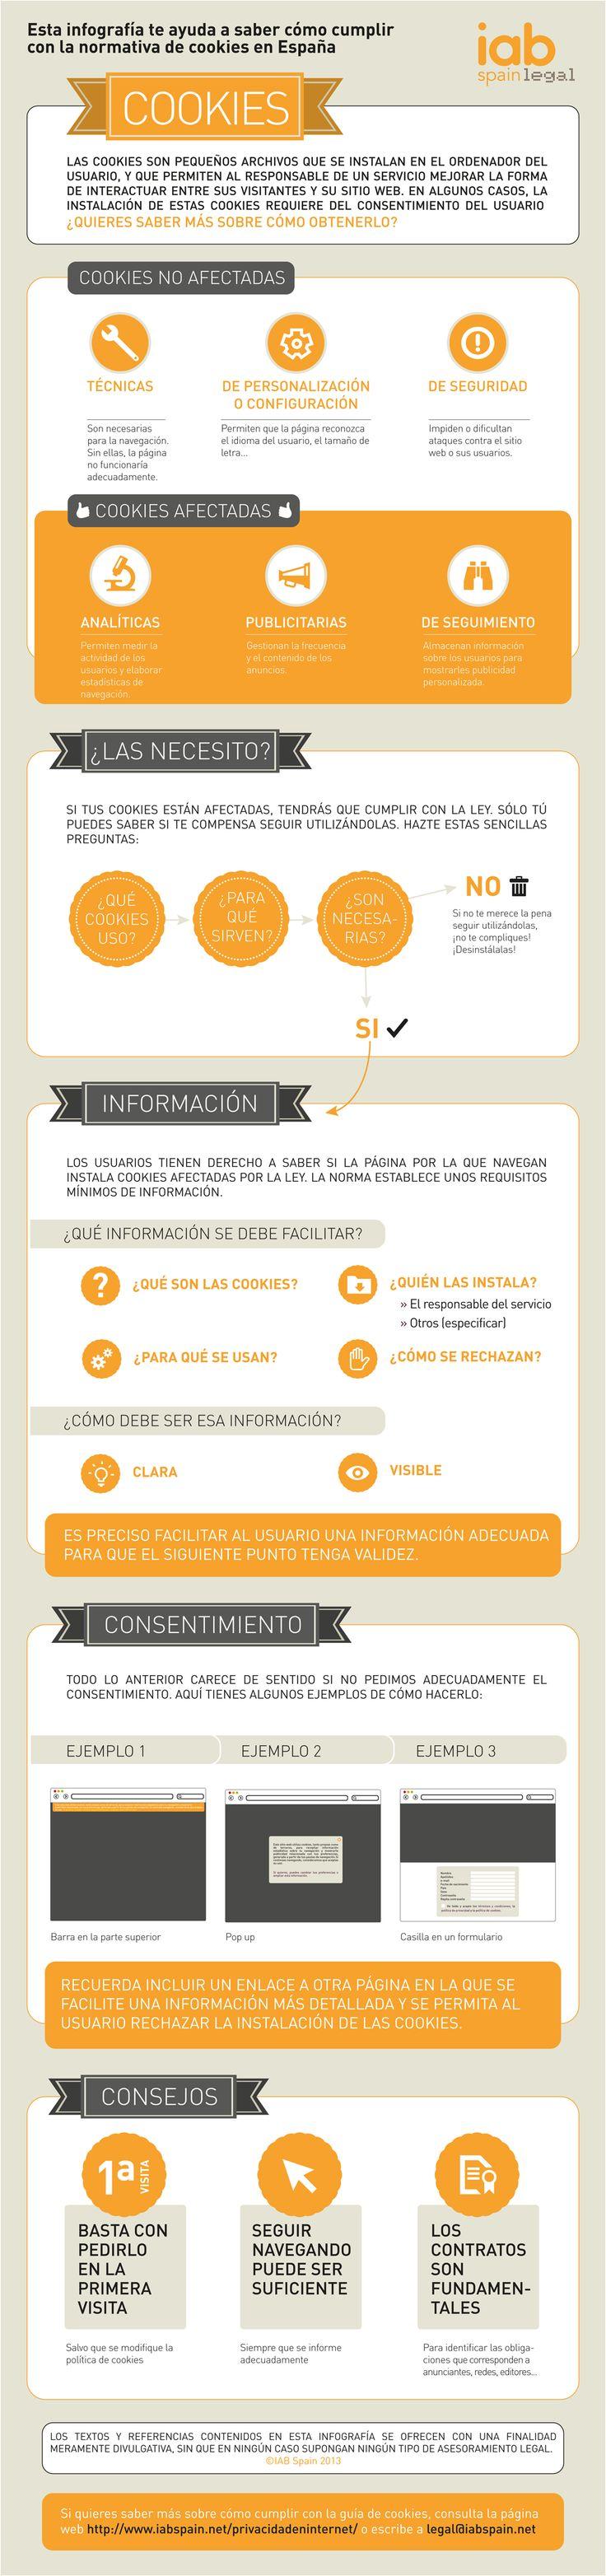 Esta infografía te ayudará a saber cómo cumplir con la normativa de cookies en España http://bit.ly/1y0w1ZE